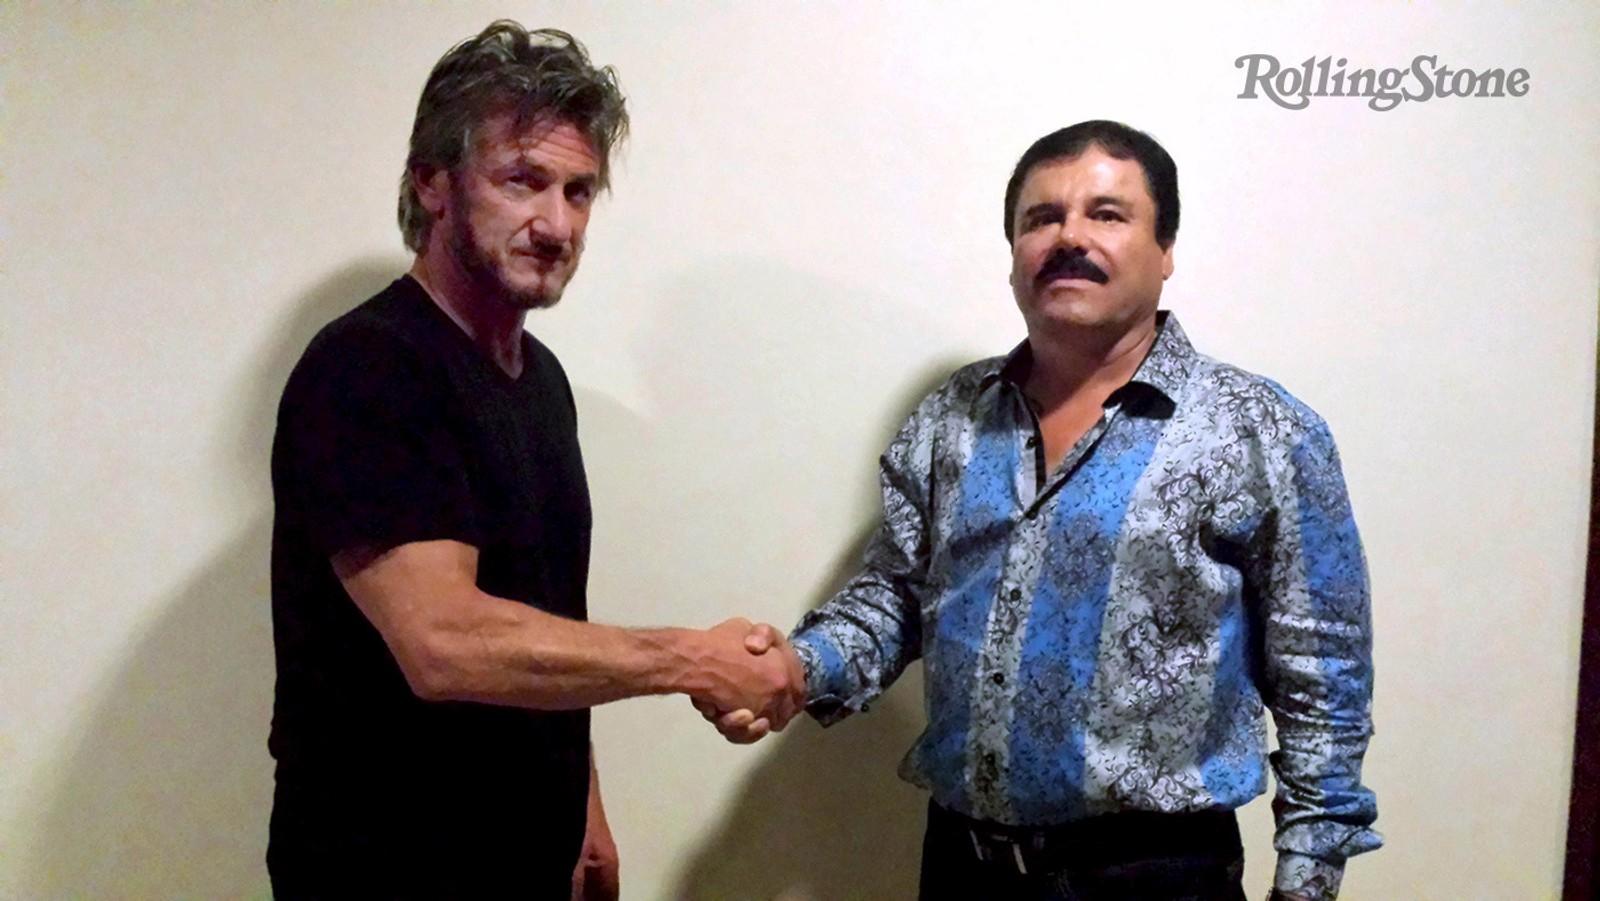 Skuespiller Sean Penn håndhilser på rømling og narkobaron Joaquin «El Chapo» Guzman i forbindelse med et intervju gjort av Penn for Rolling Stone. Det sju timer lange intervjuet skal ha ført til at mexicanske myndigheter kunne pågripe narkobaronen.